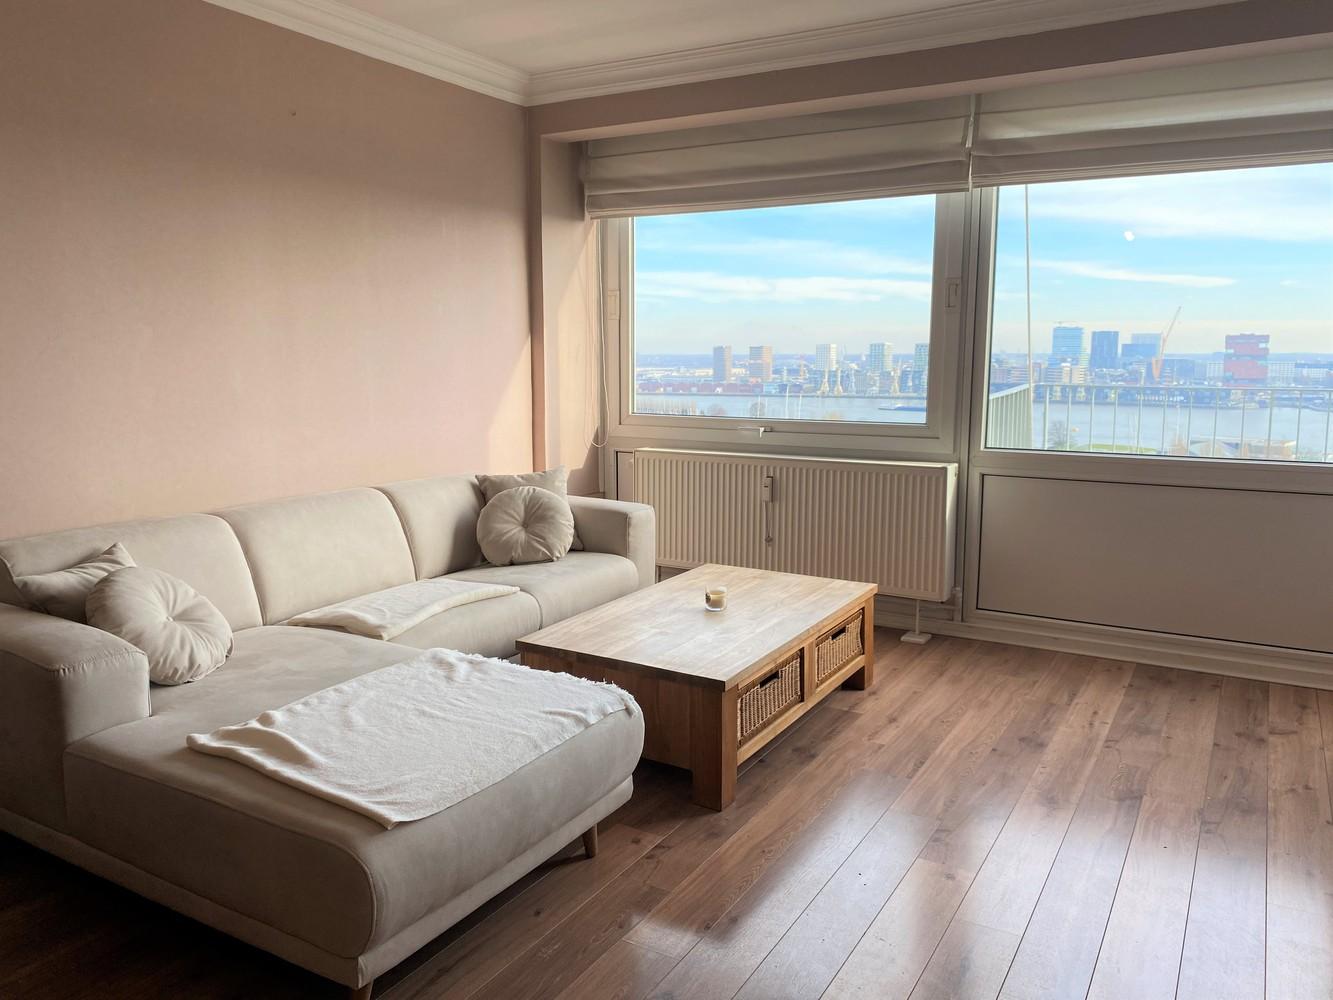 Lichtrijk, bemeubeld en ruim appartement met 2 slaapkamers & een uniek uitzicht over Antwerpen! afbeelding 2